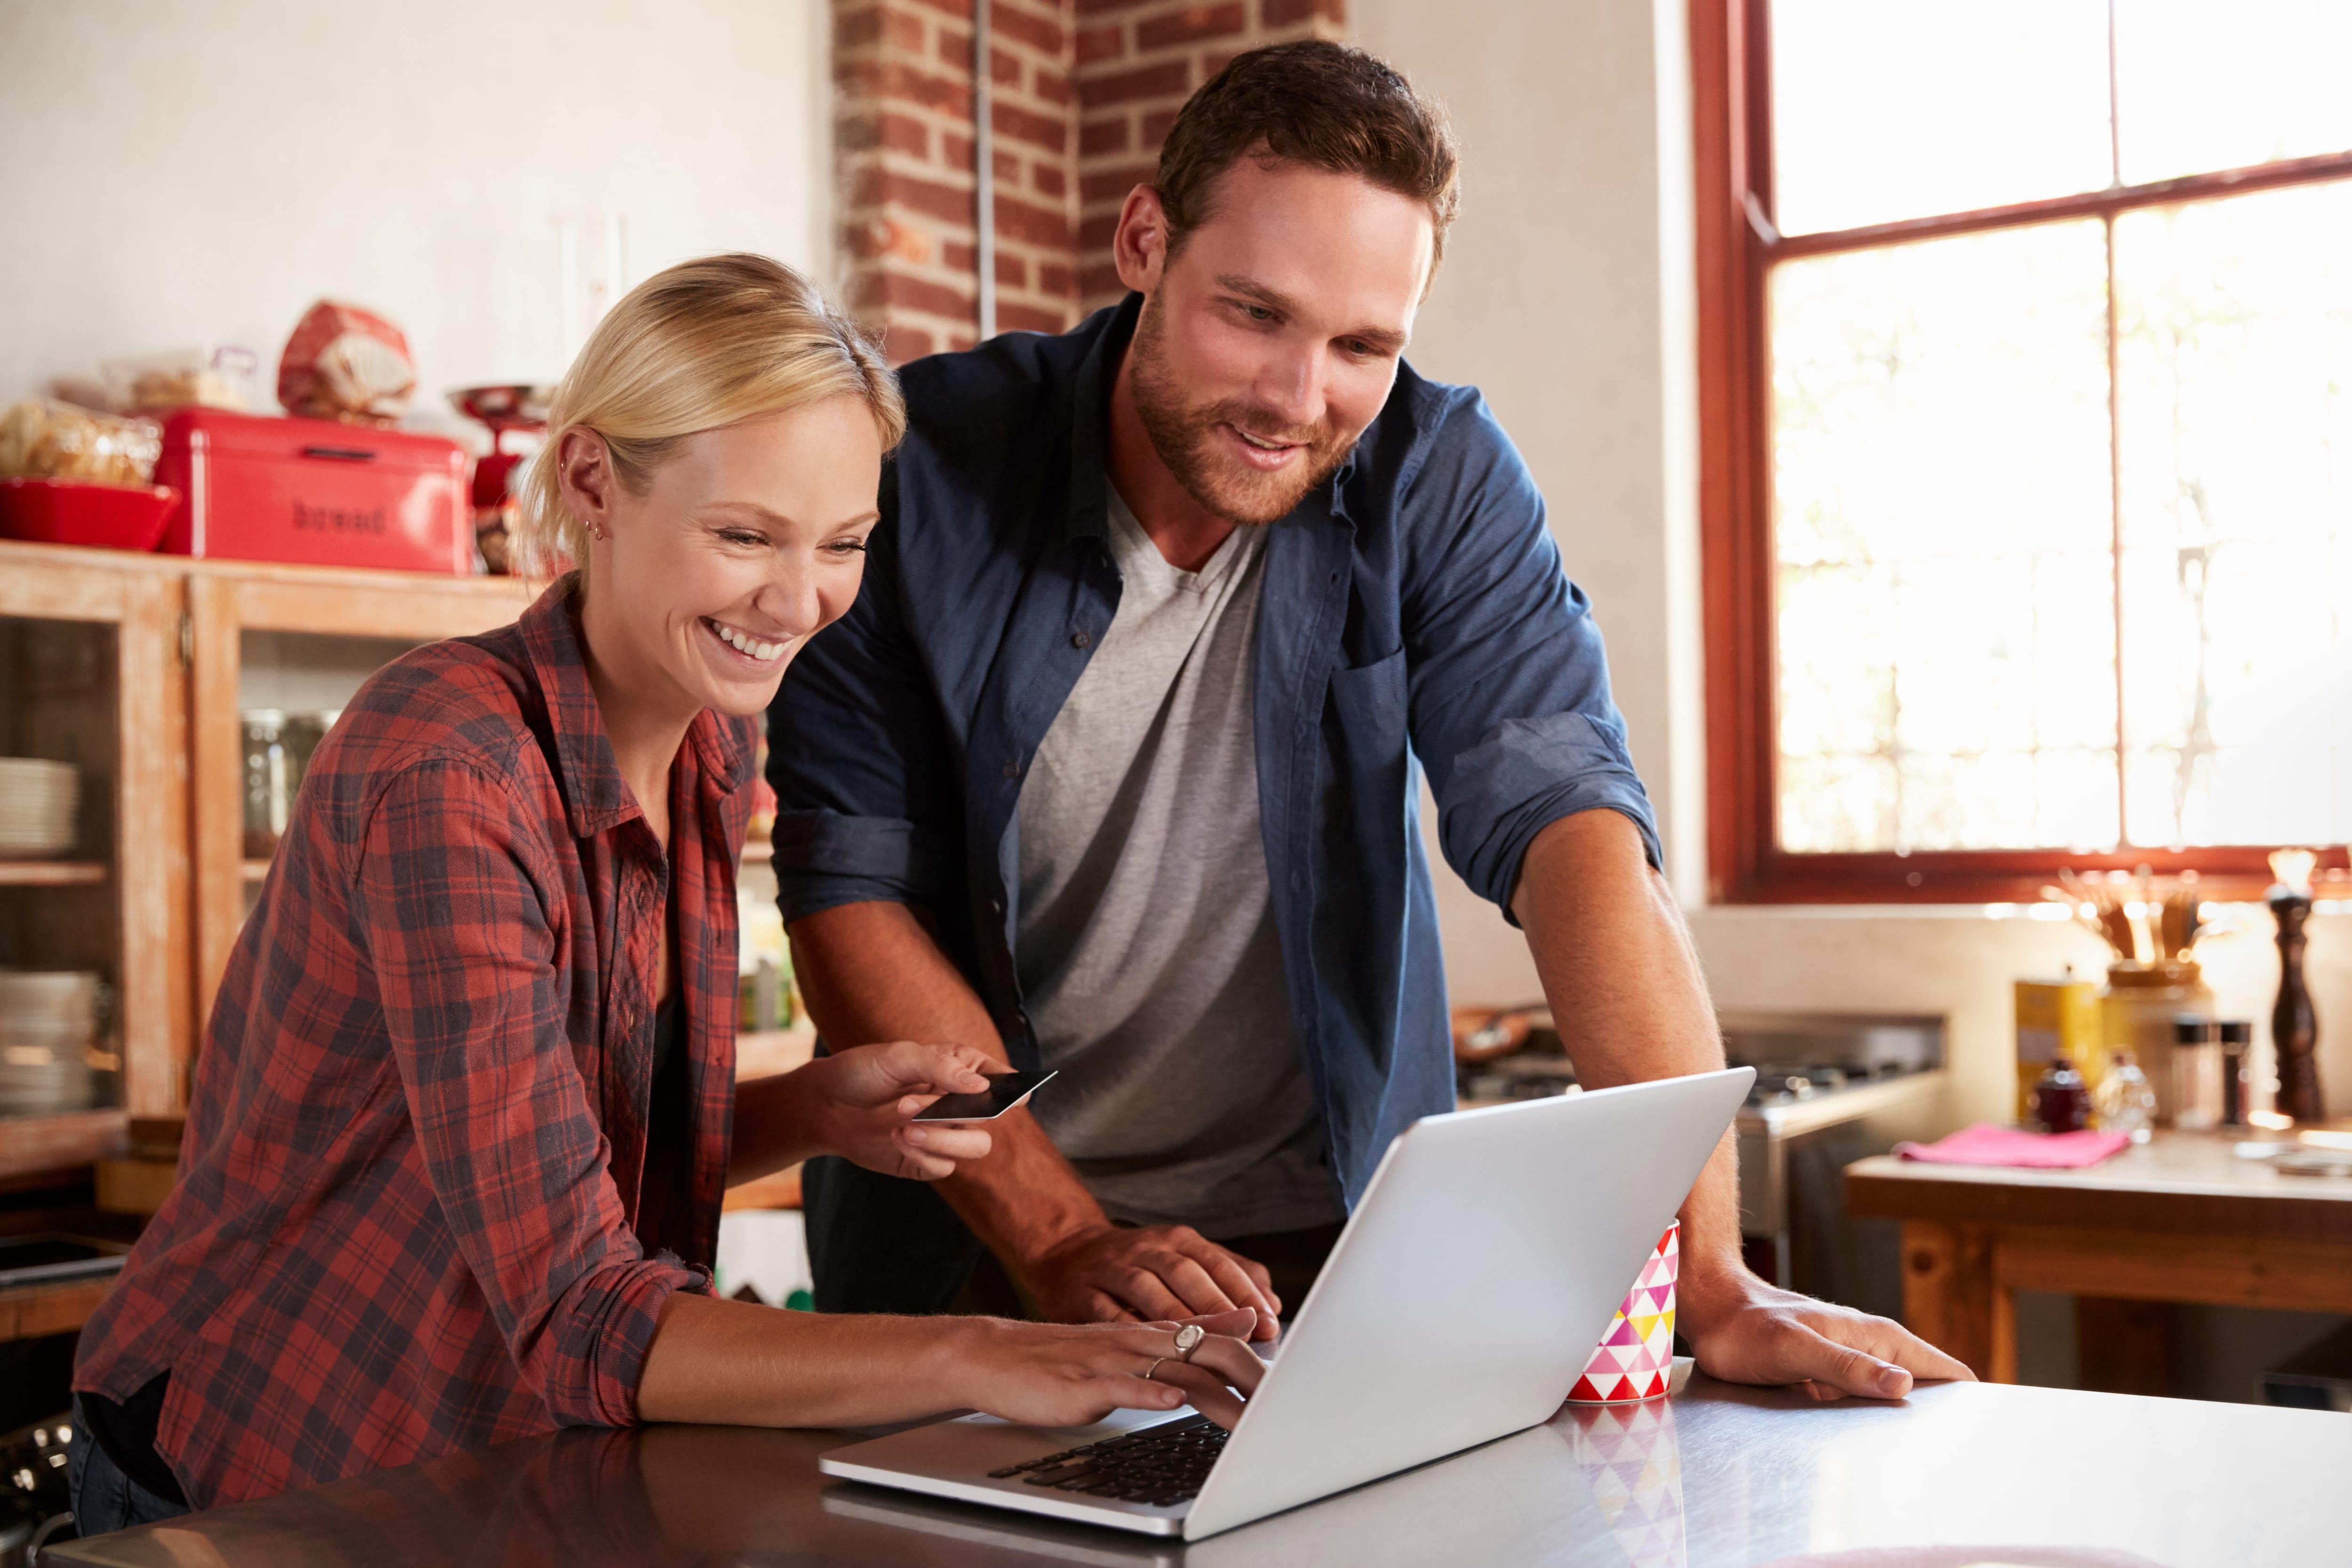 millennial couple online shopping